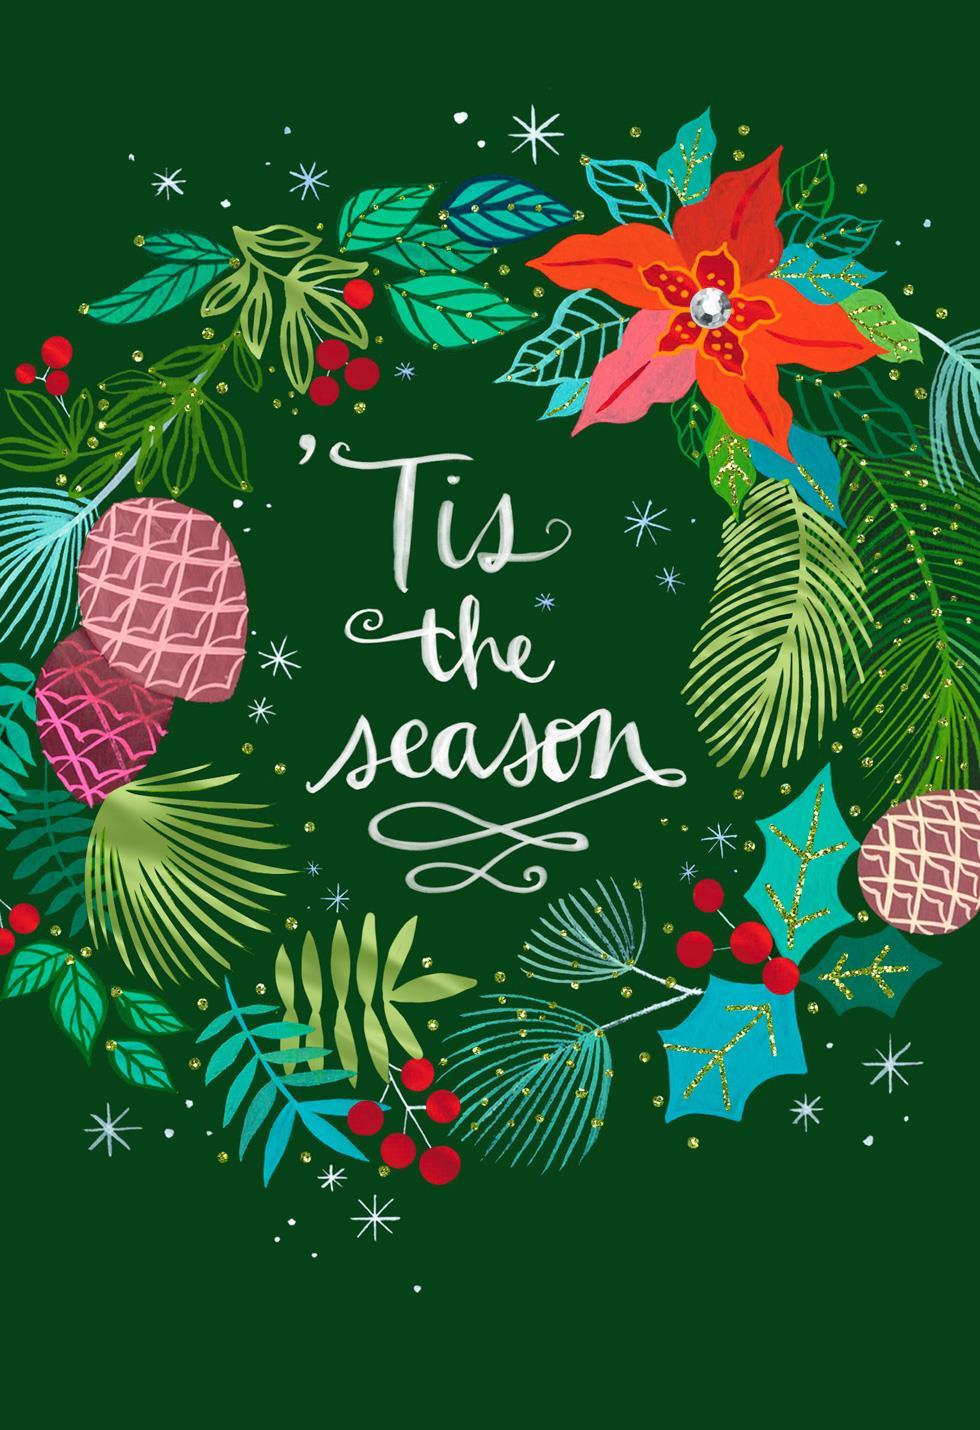 Tis the Season Festive Wreath Christmas Card - Greeting Cards - Hallmark